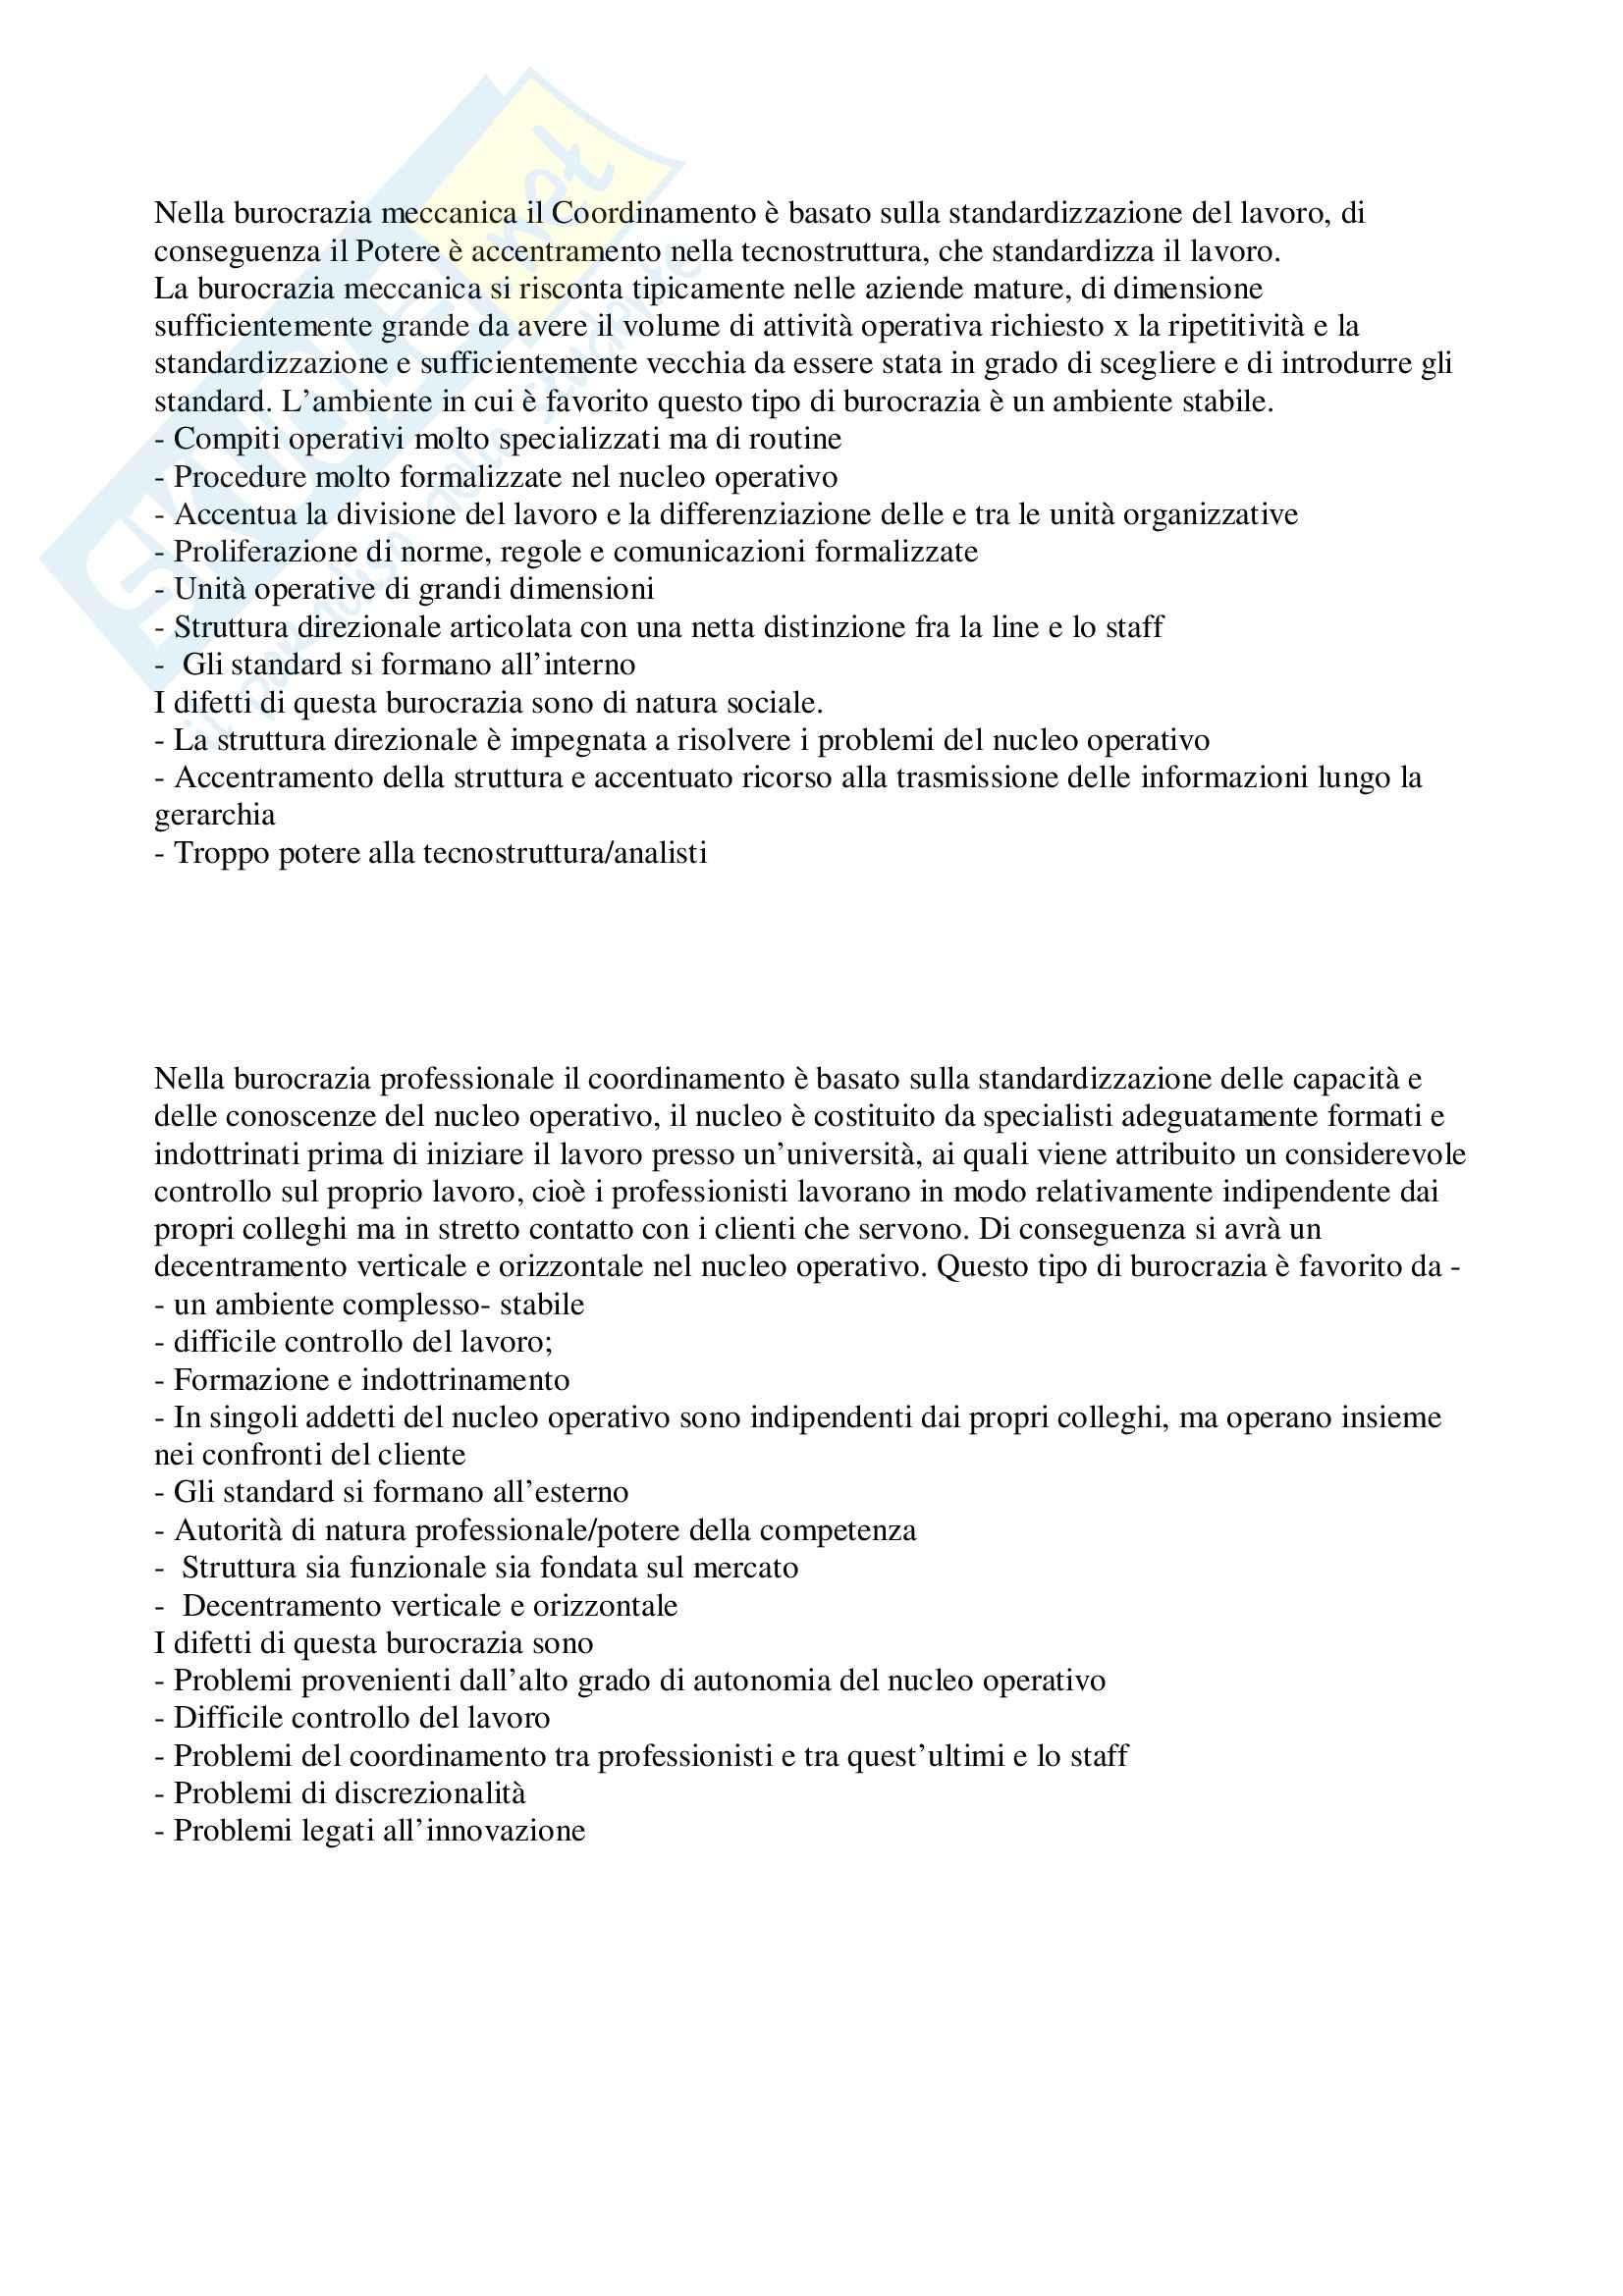 Organizzazione aziendale - Burocrazia mecanica e professionale